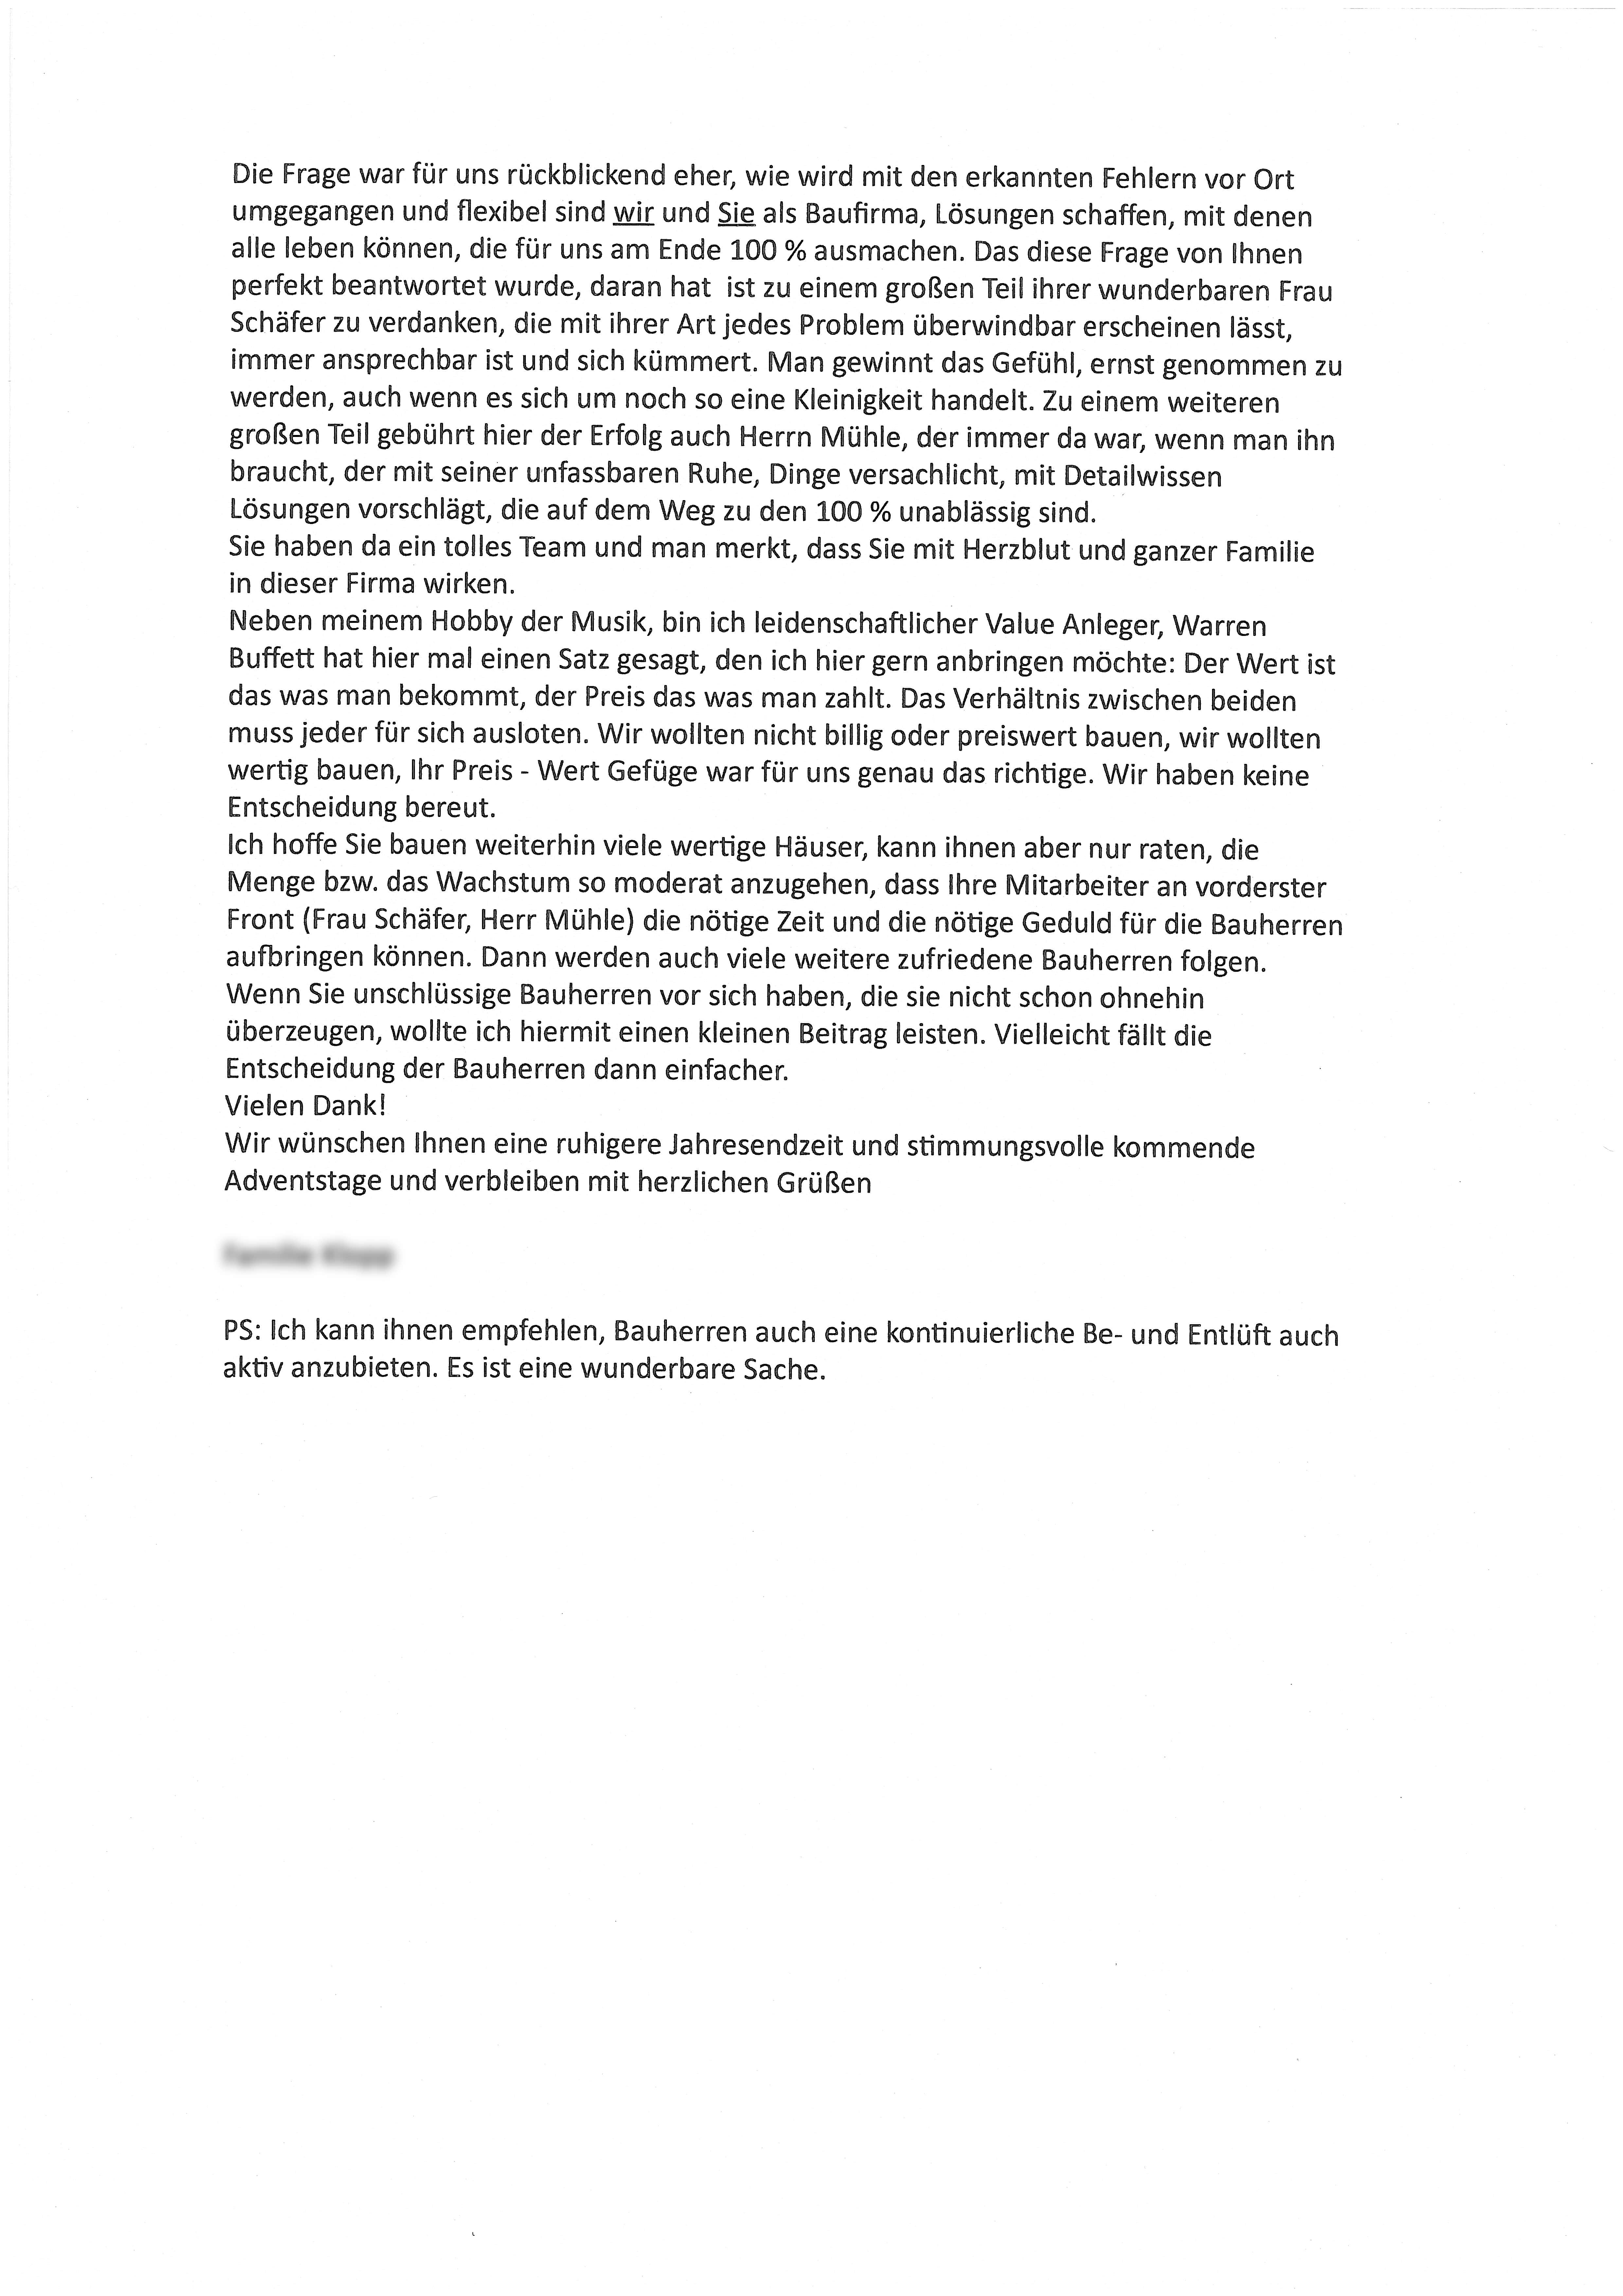 Dankesschreiben eines Bauherren aus Osterweddingen 2